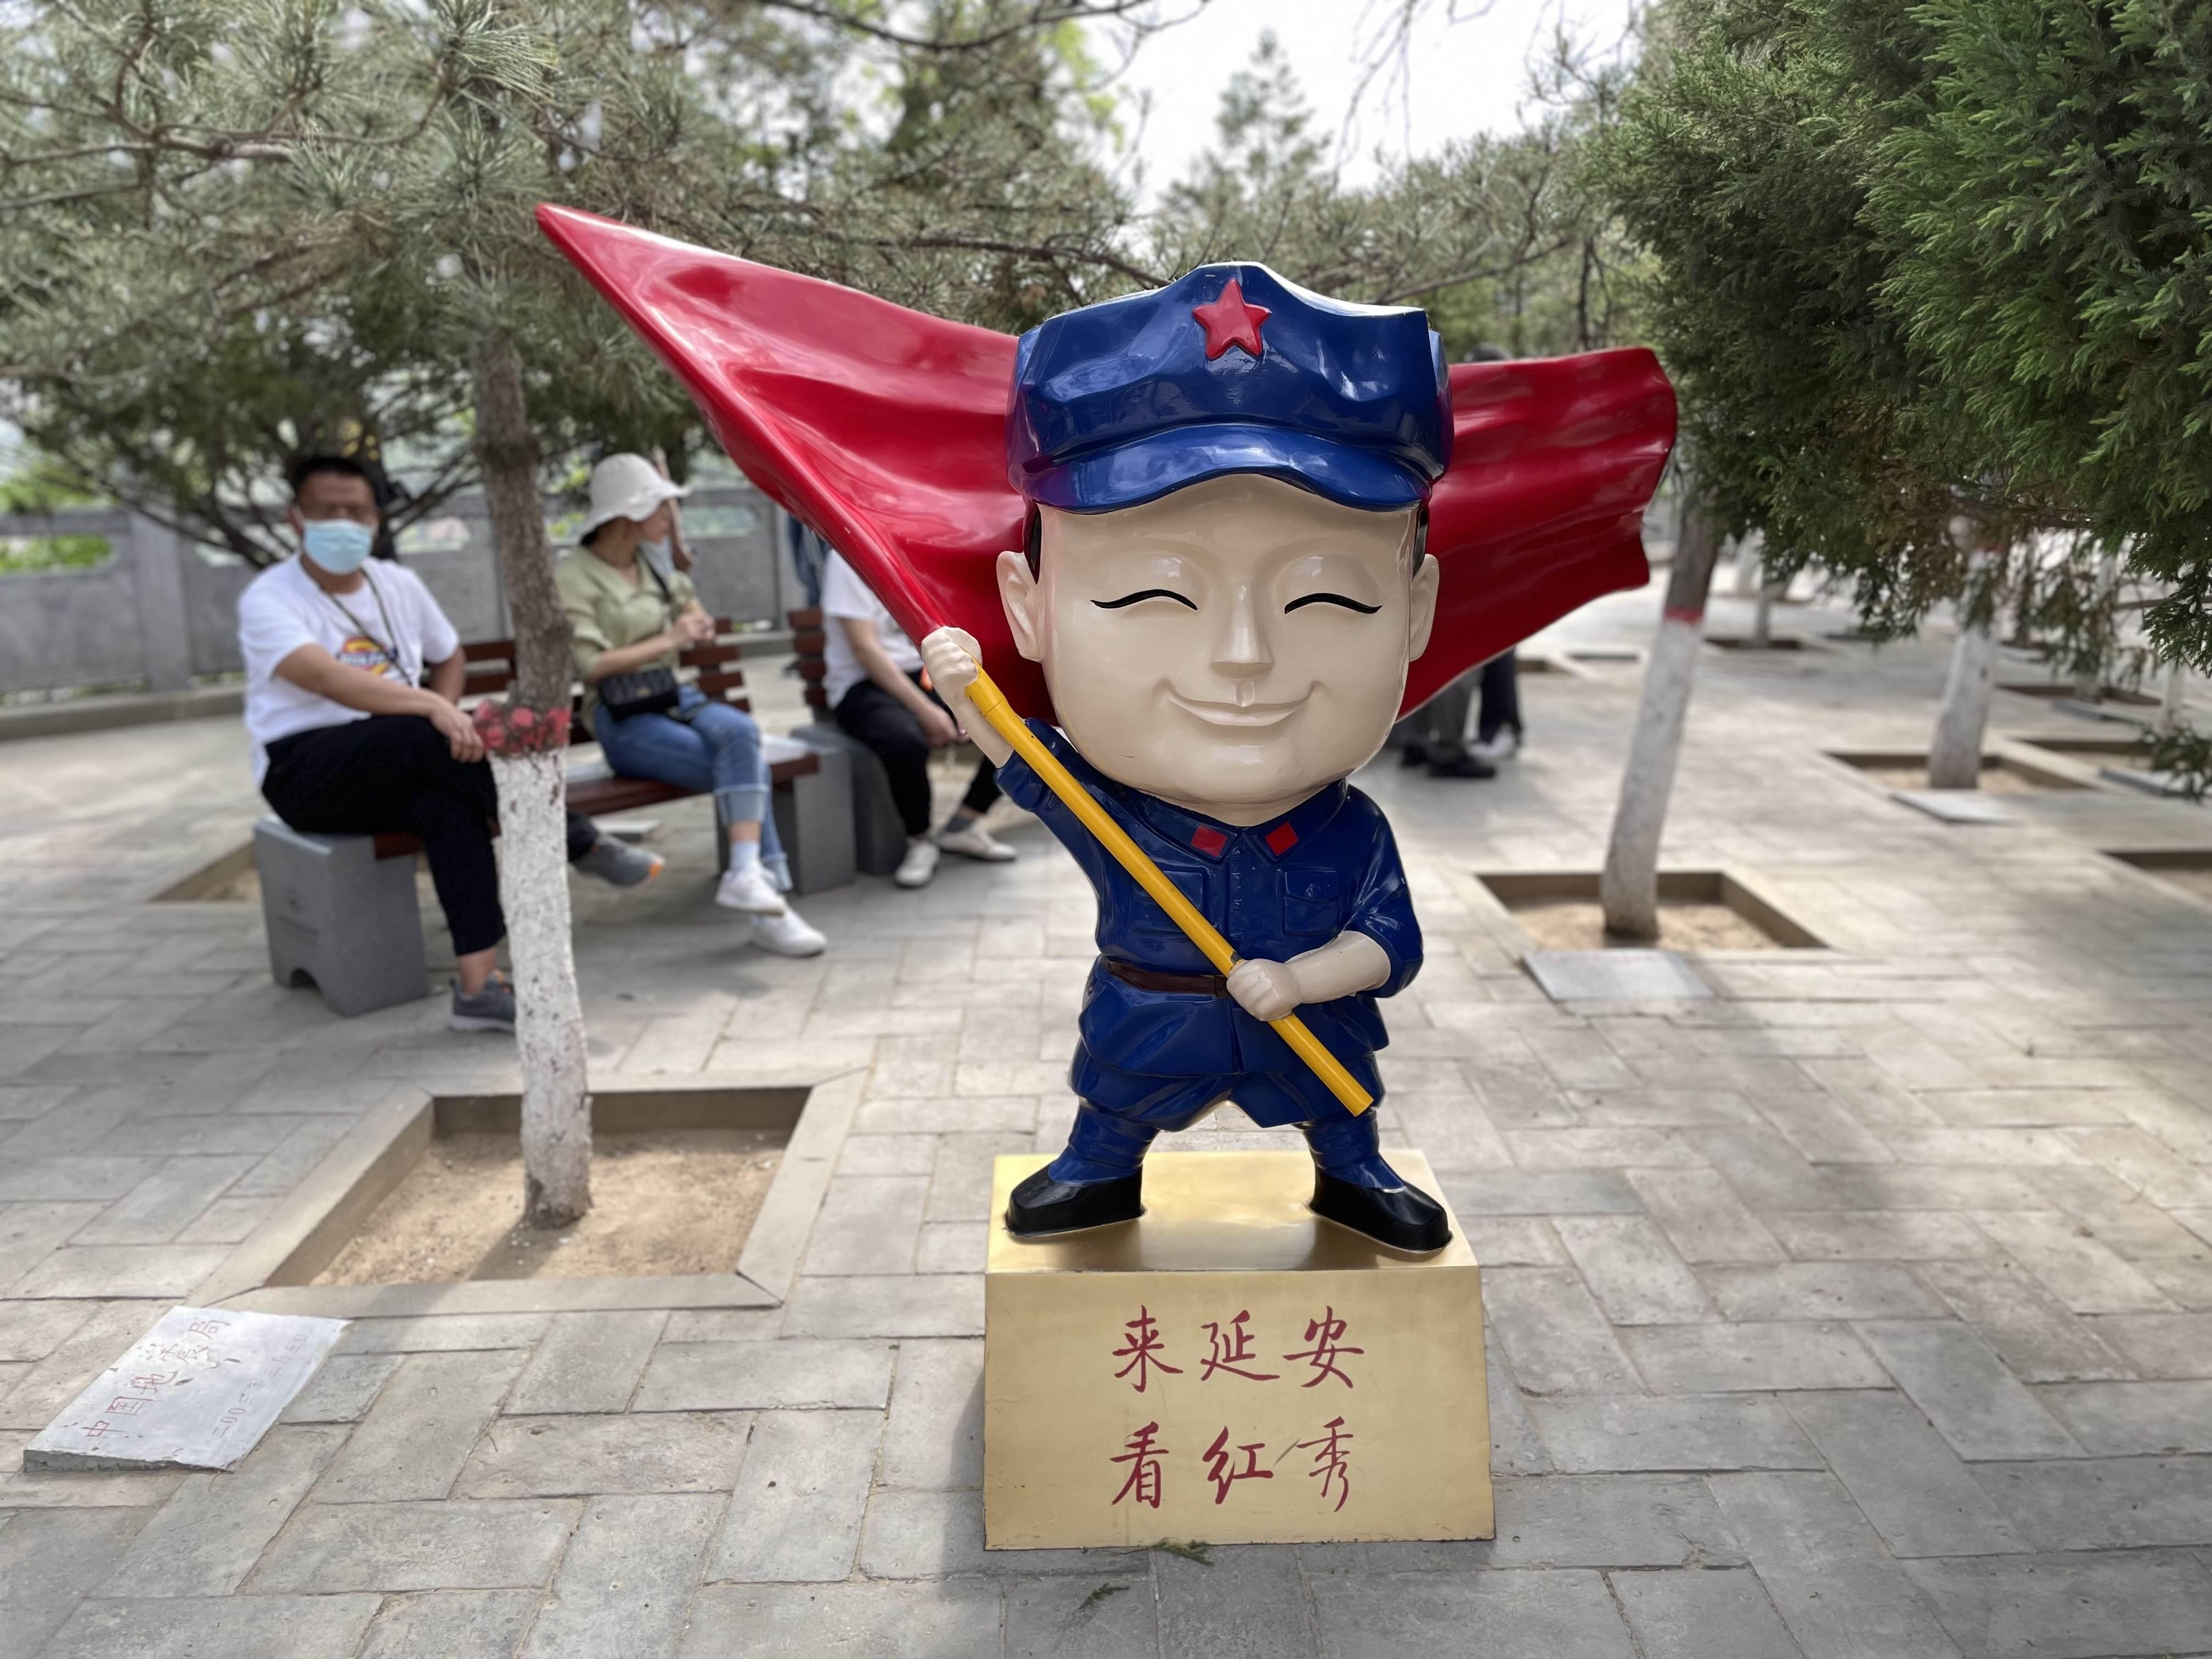 100 anos de Partido Comunista da China